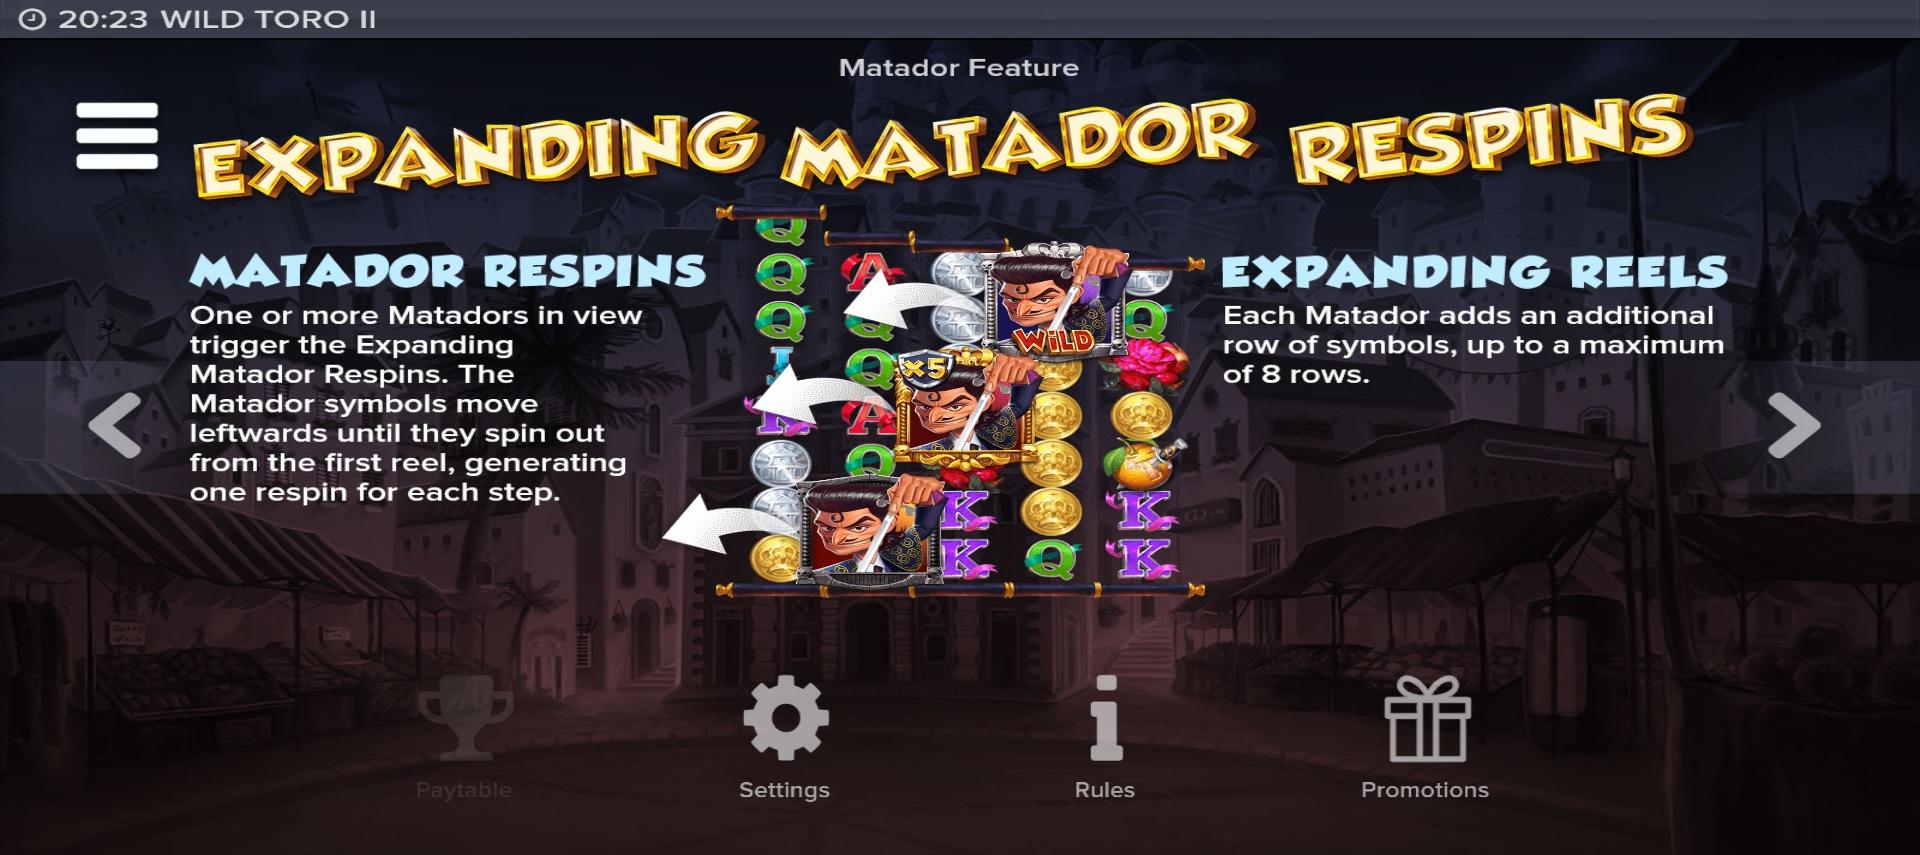 How to win big in Wild Toro 2 – Expanding Reels